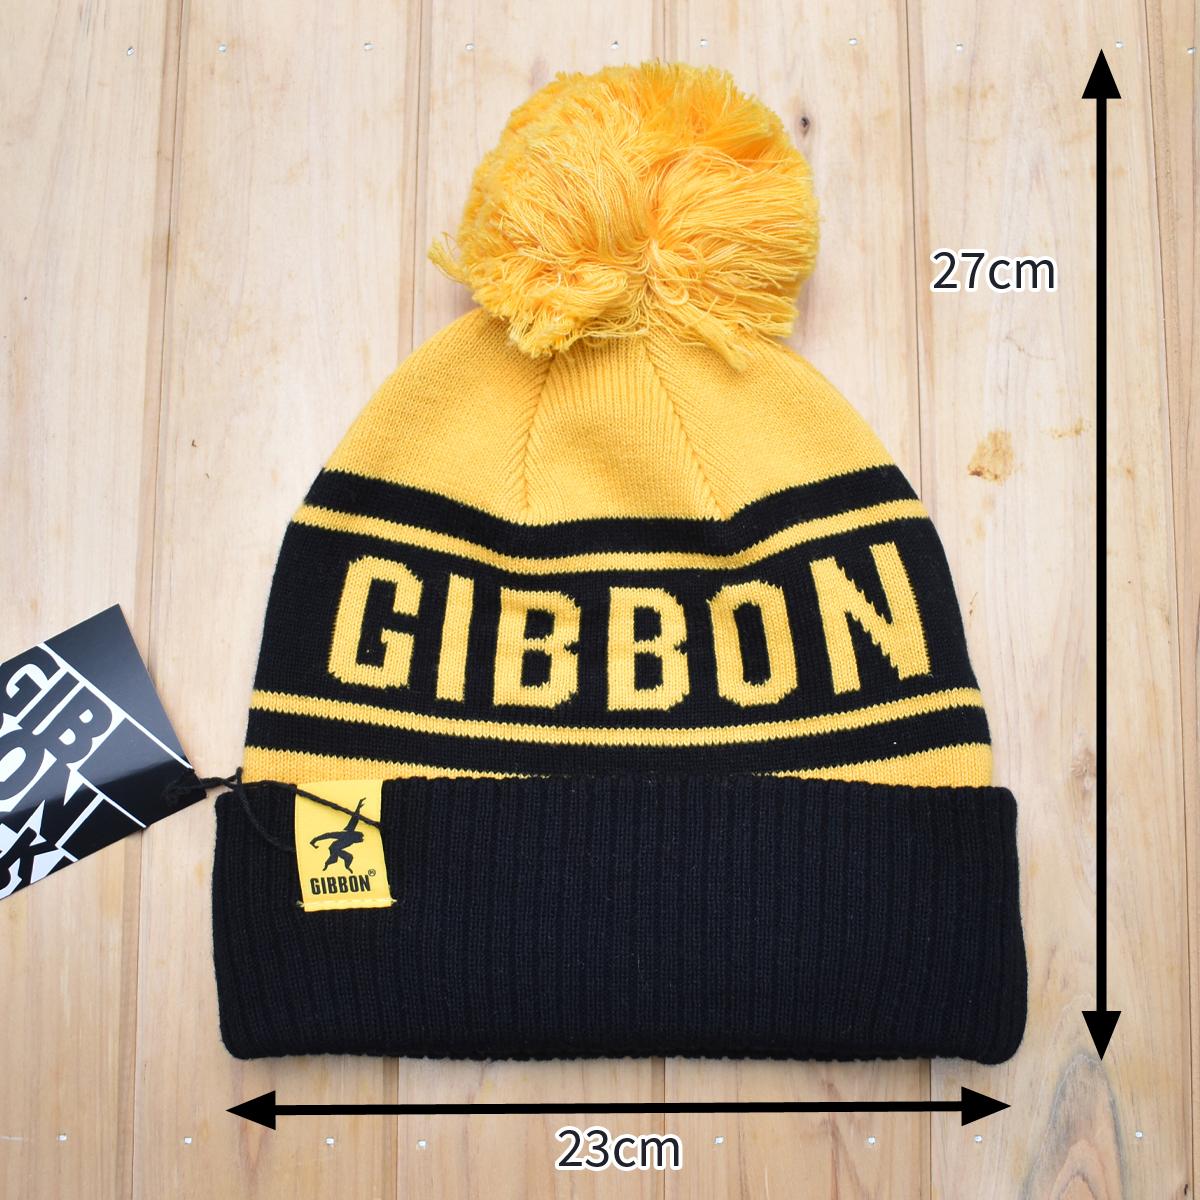 GIBBON ニットキャップ サイズ